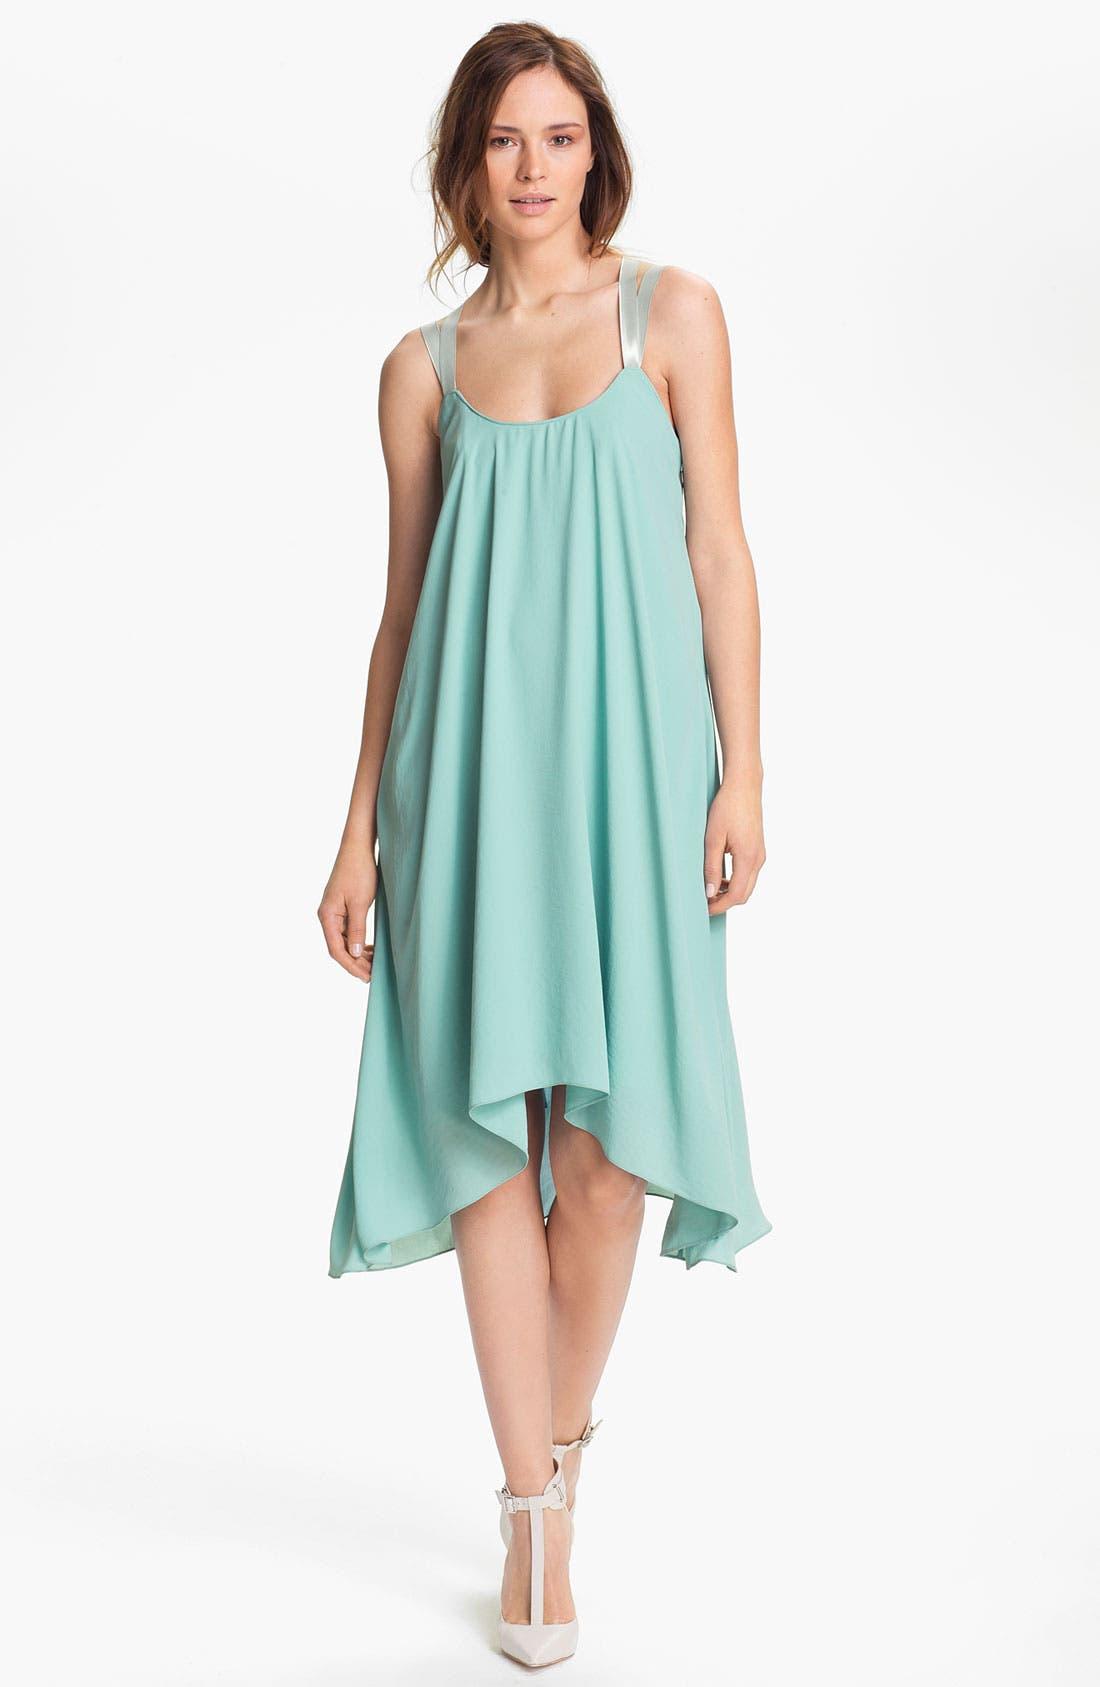 Alternate Image 1  - Elizabeth and James 'Olyvia' High/Low Dress